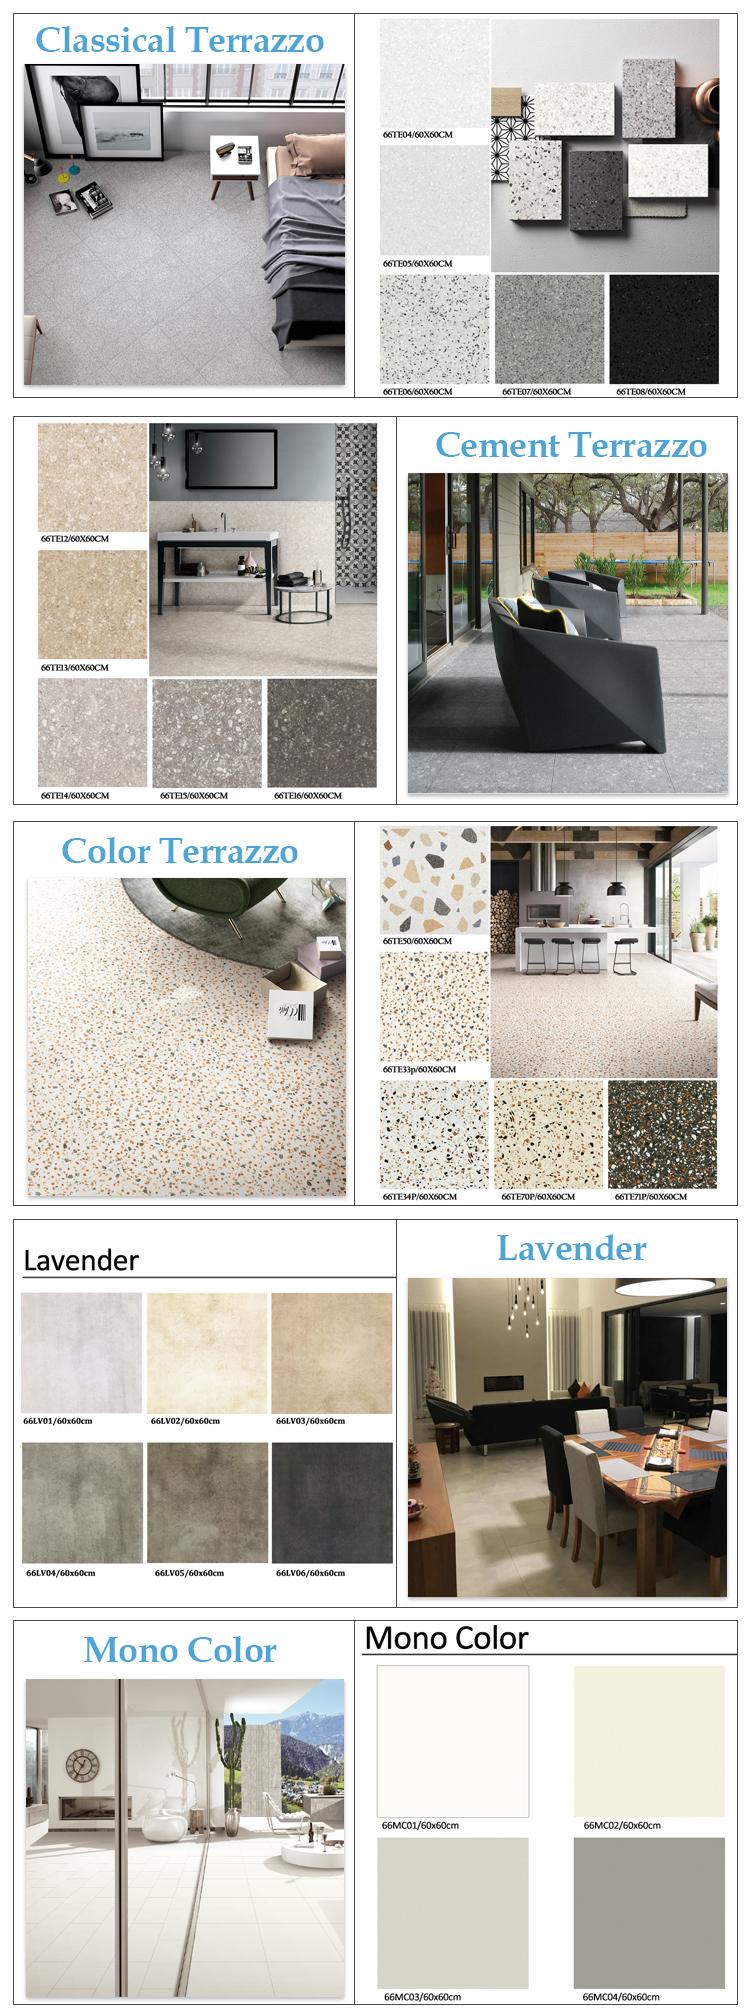 12x24 R11 Italy Design Ceramic Matt Finish 3d Ceramic Terrazzo Floor Tiles Price 66te07 Buy Italy Design Ceramic Matt Finish Tiles Terrazzo Floor Tiles Matte Finish Vitrified Floor Terrazzo Floor Tiles Product On